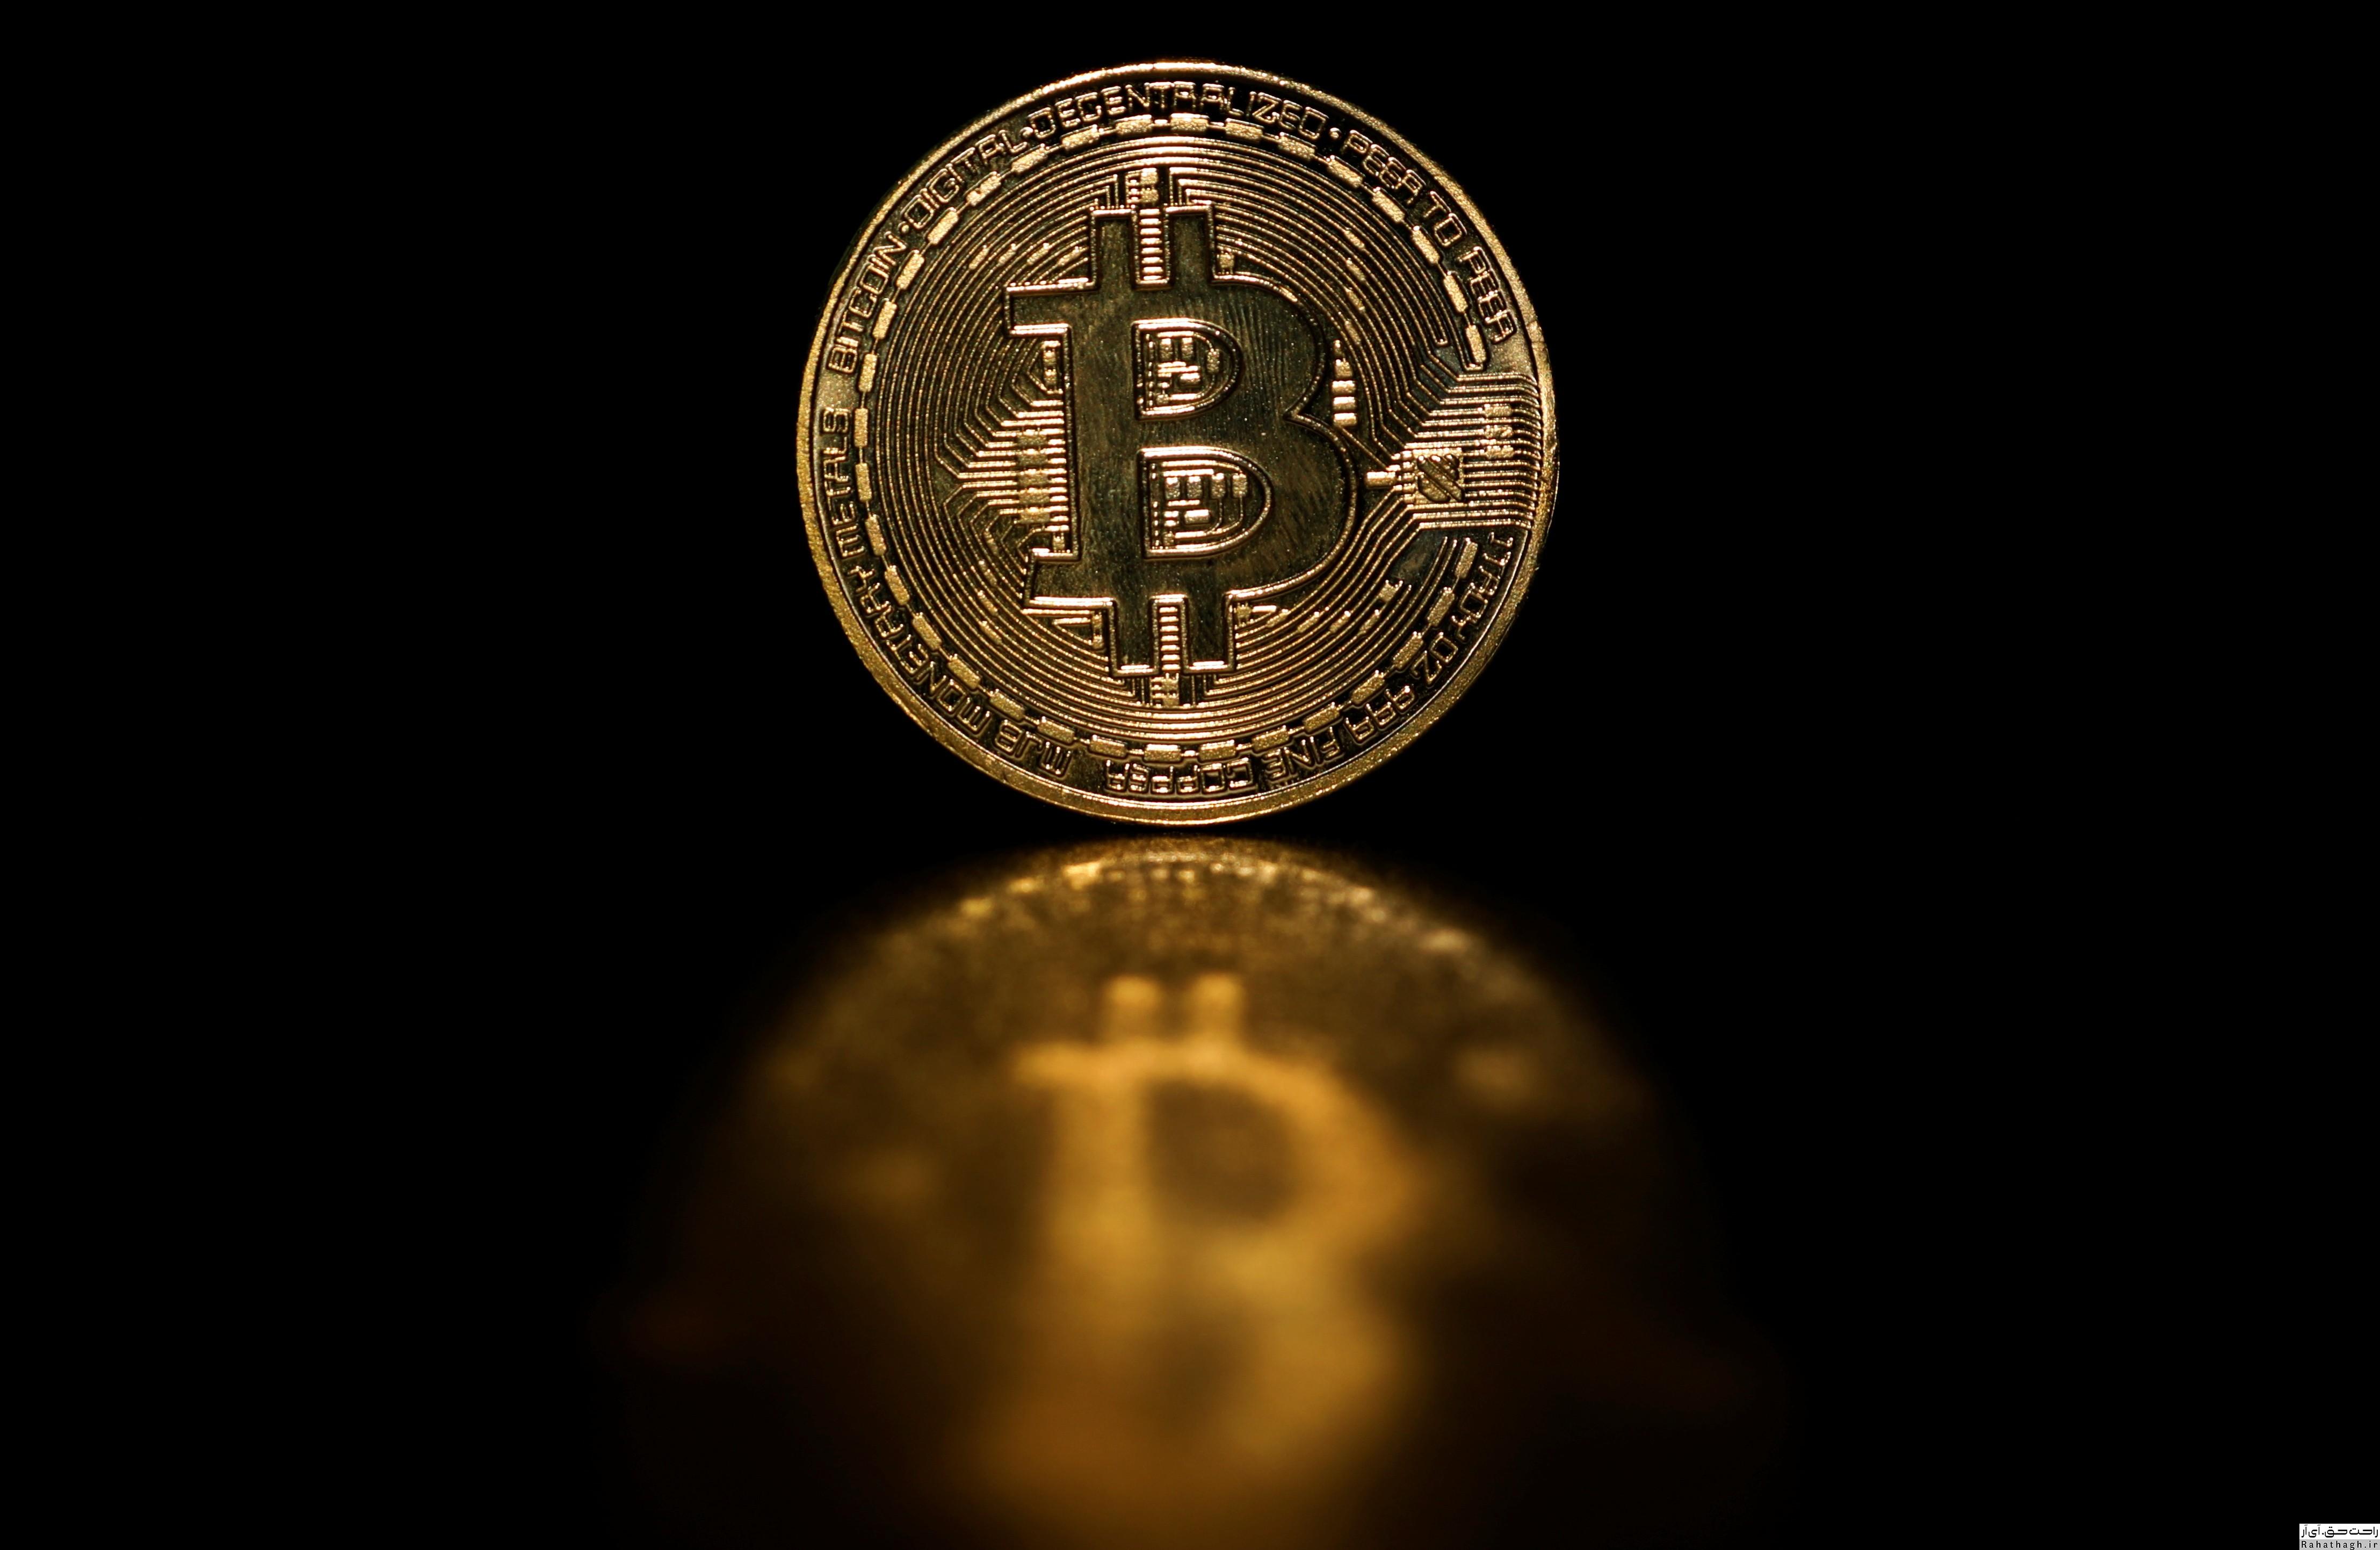 https://bayanbox.ir/view/4876646399249079685/elsalvador-bitcoin-%D8%B1%D8%A7%D8%AD%D8%AA-%D8%AD%D9%82.jpg